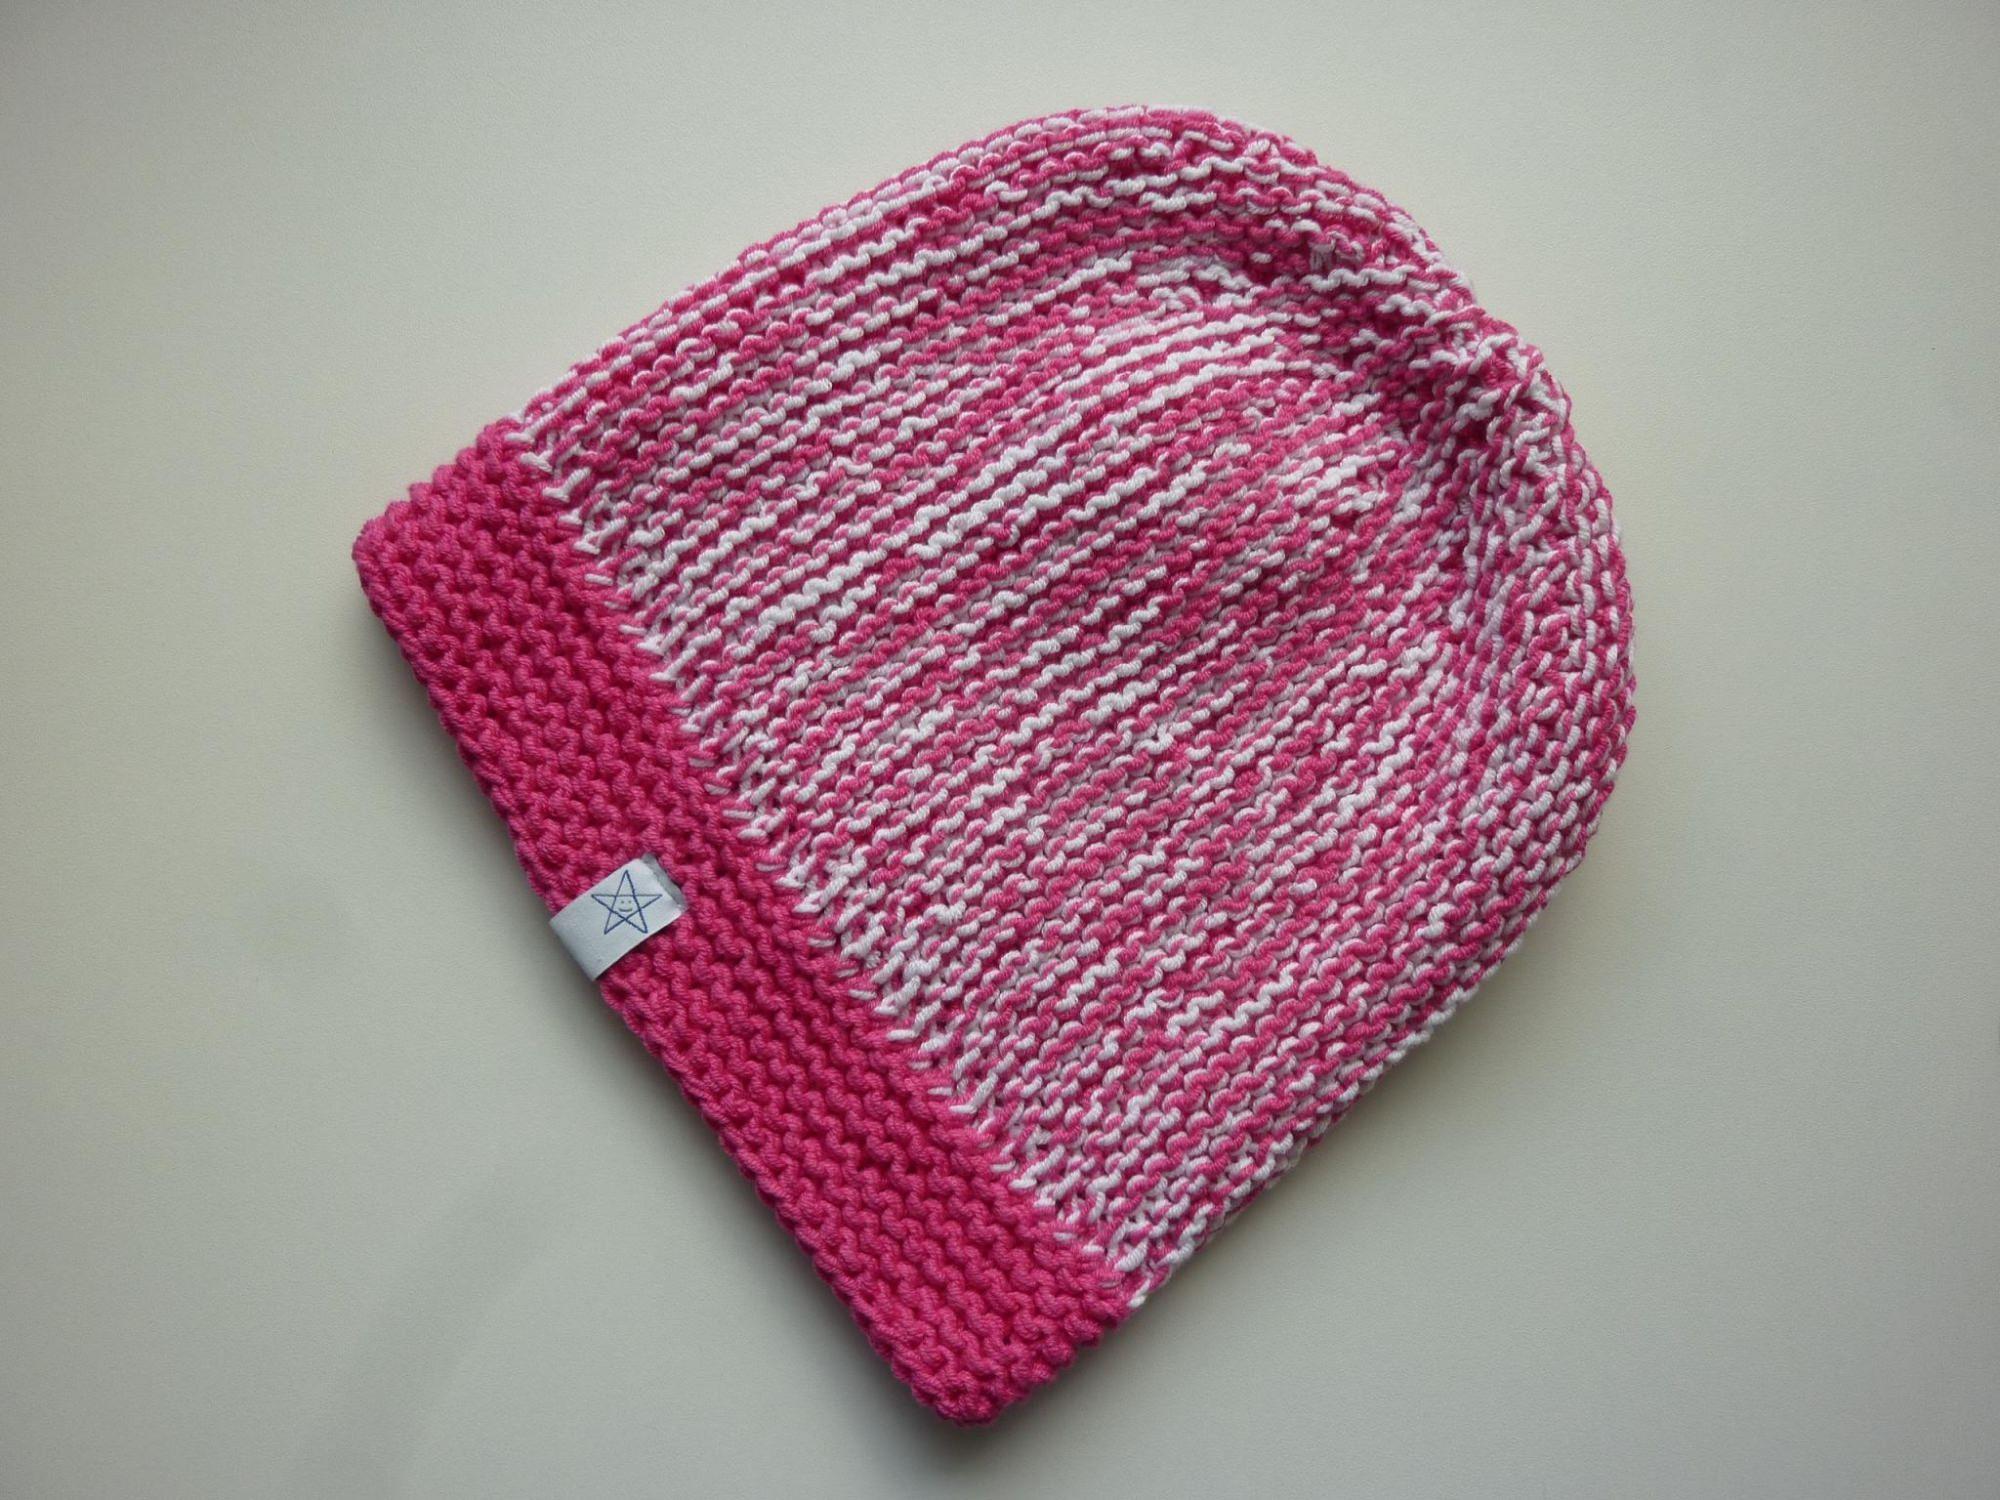 Kleinesbild - Strickmütze Pink Weiß aus Baumwolle handgestrickt